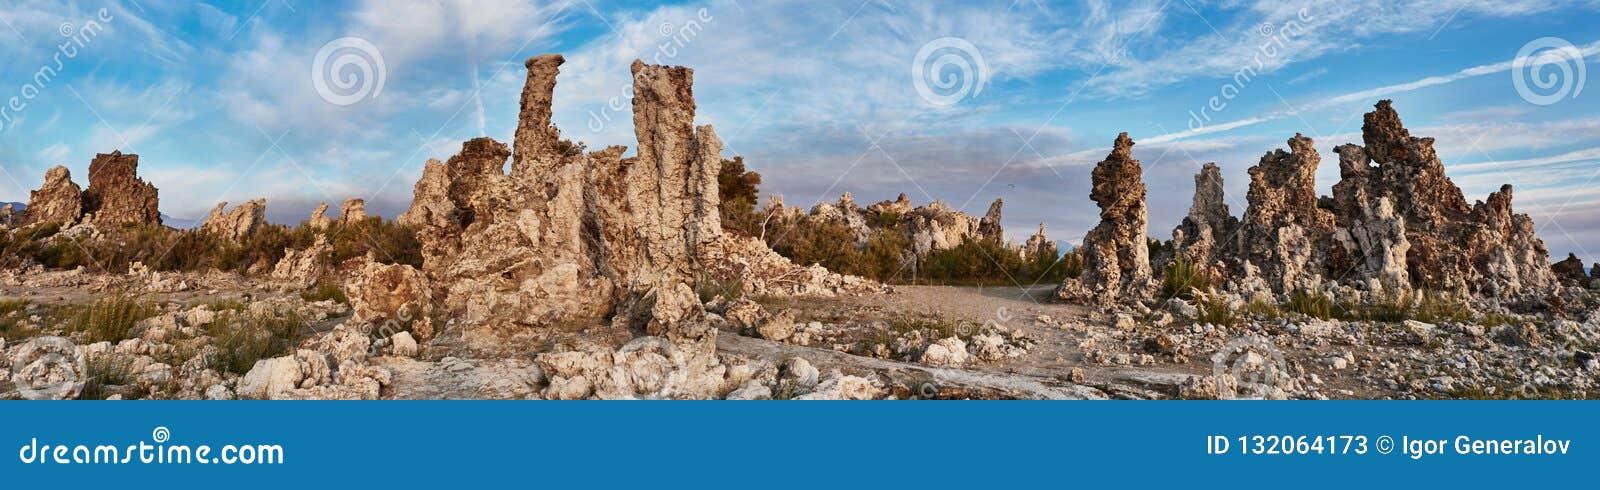 Mono città della pietra del lago